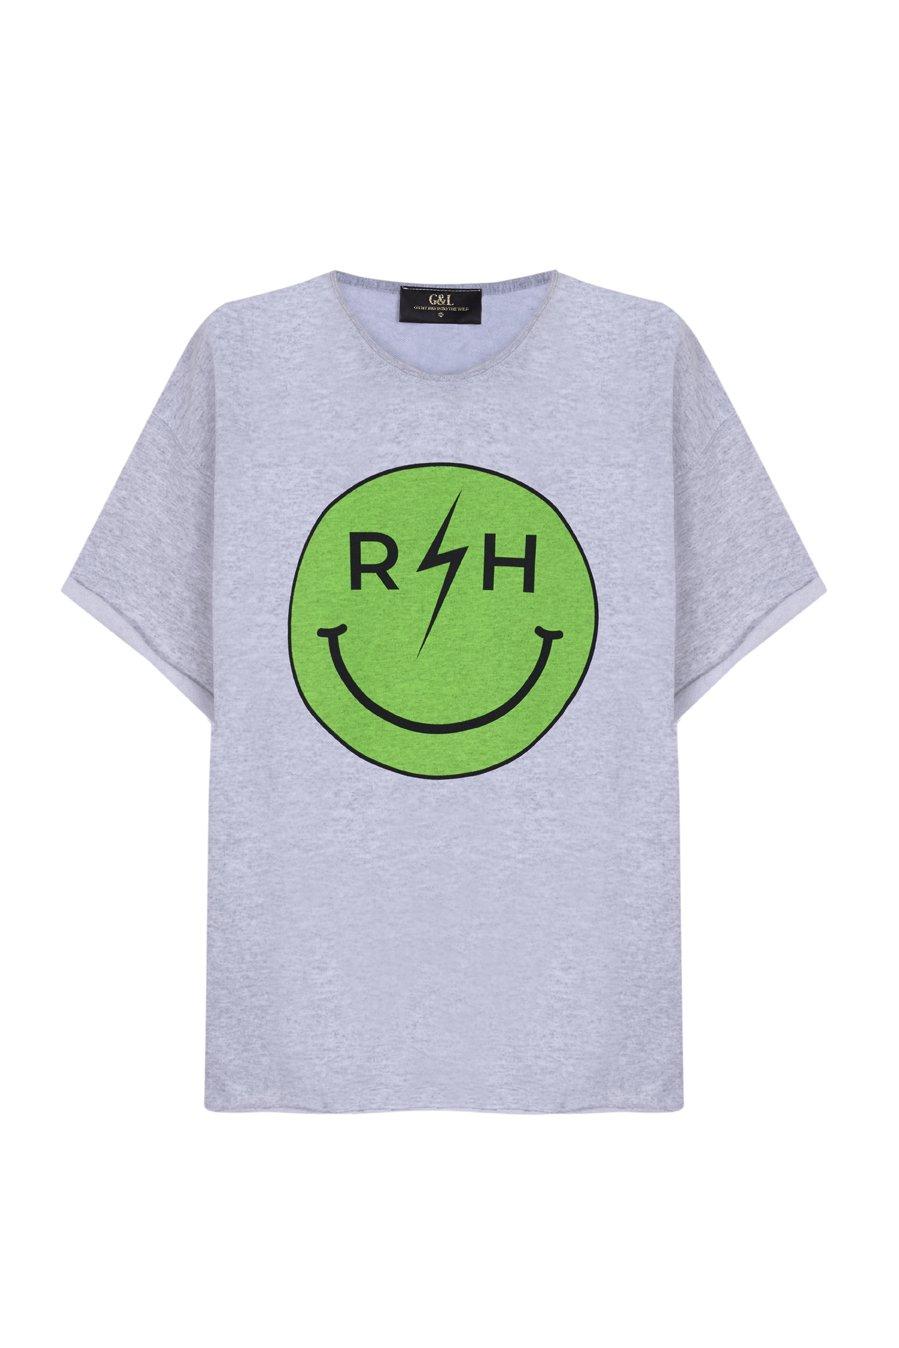 SMILE RUSH FLASHDANCE SWEATSHIRT